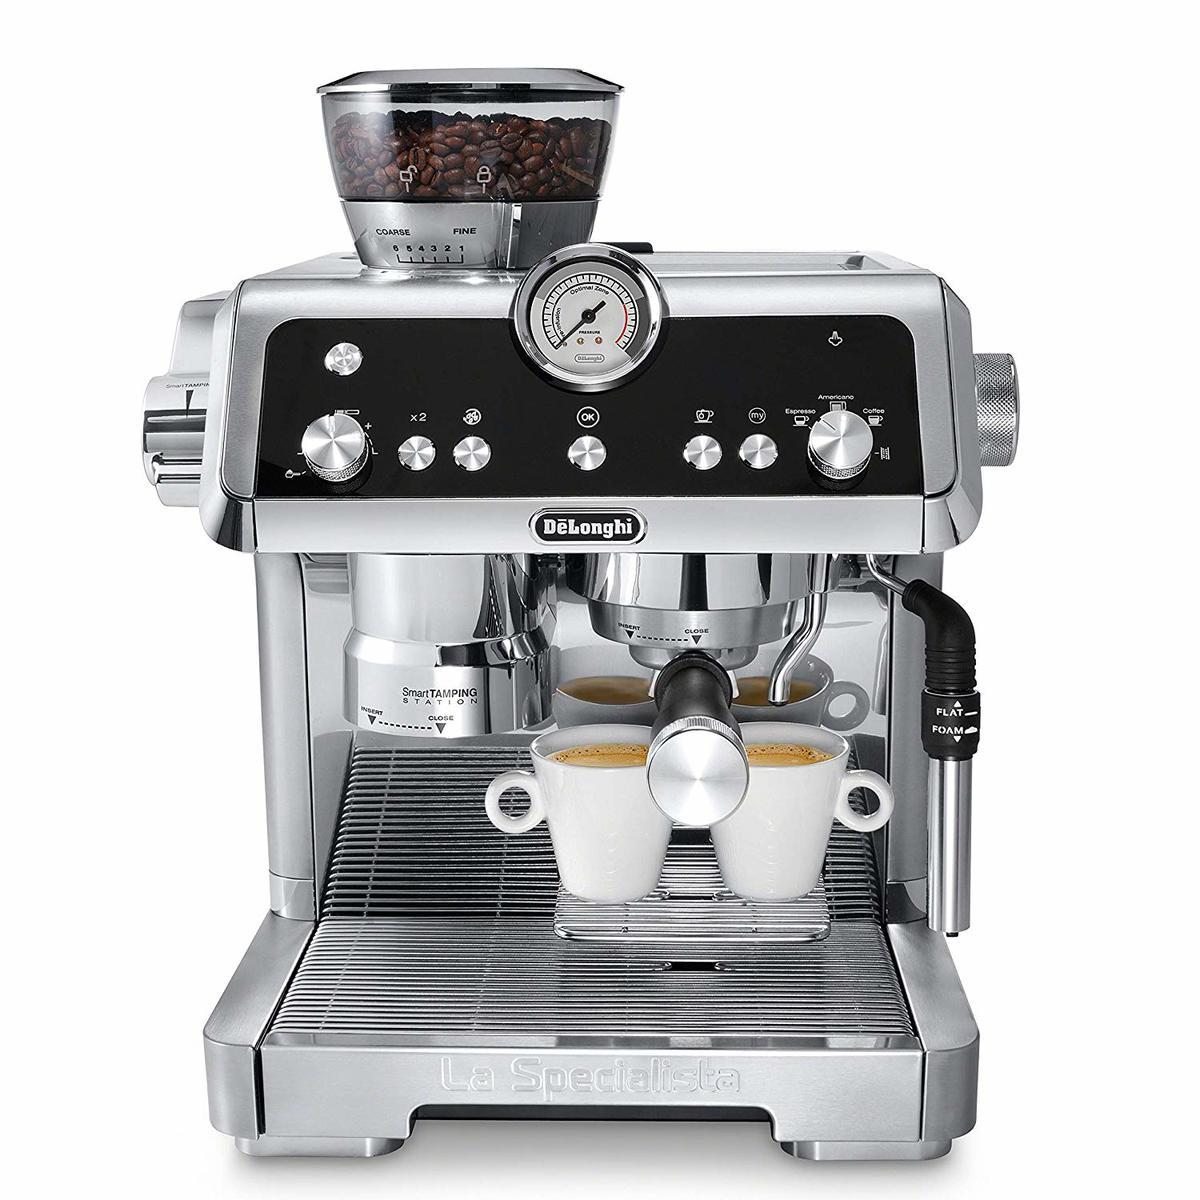 מכונת קפה דלונגי אספרסו Delonghi La Specialista EC9335.M - תמונה 1